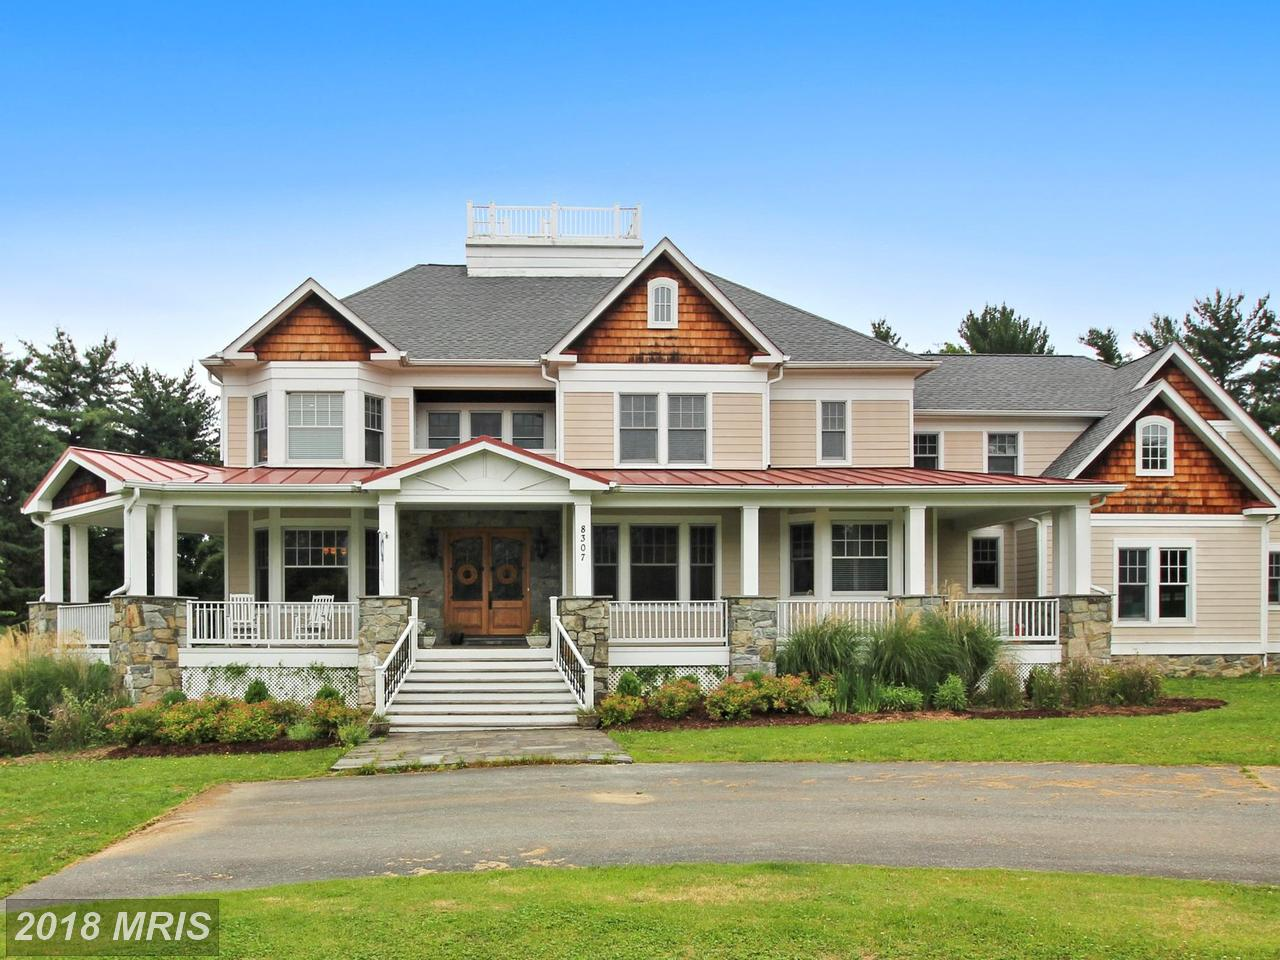 Tek Ailelik Ev için Satış at Colonial, Detached - POTOMAC, MD 8307 HECTIC HILL LN Potomac, Maryland,20854 Amerika Birleşik Devletleri